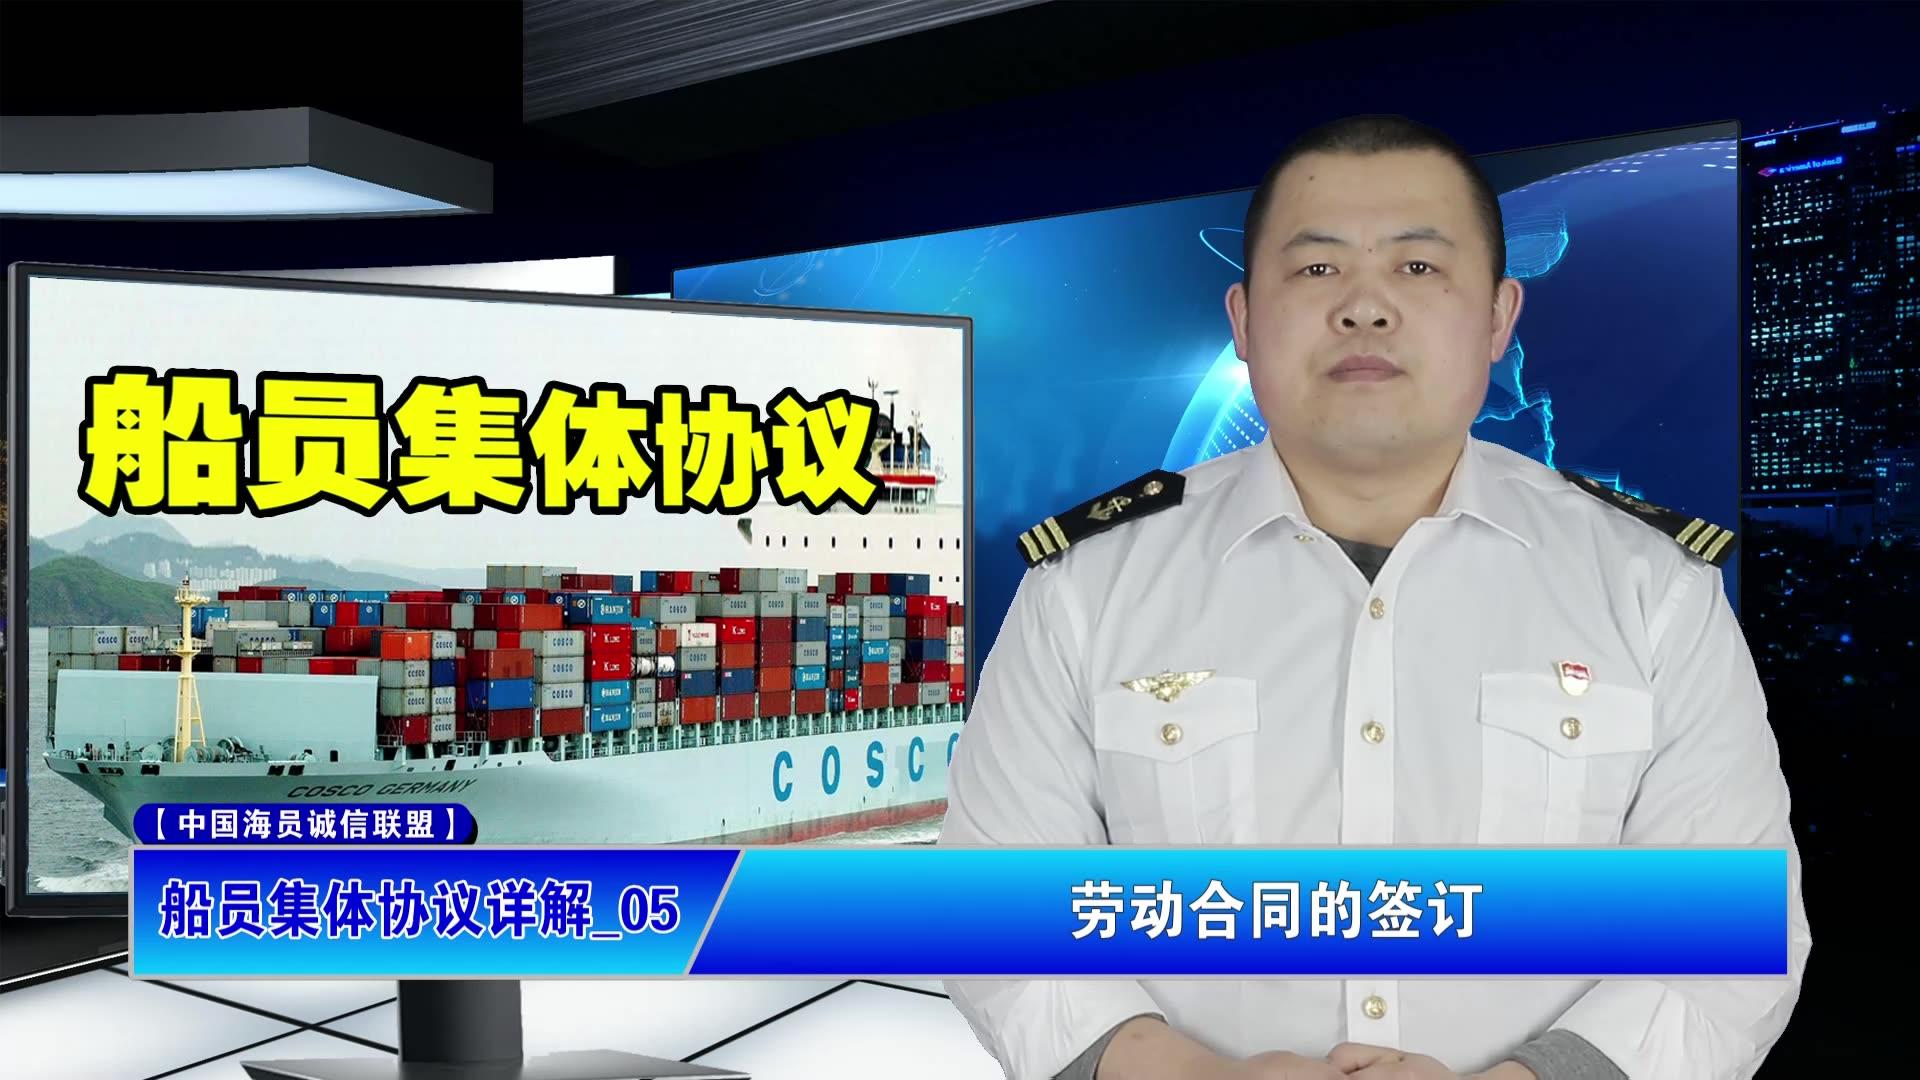 船员集体协议详解_05:劳动合同的签订